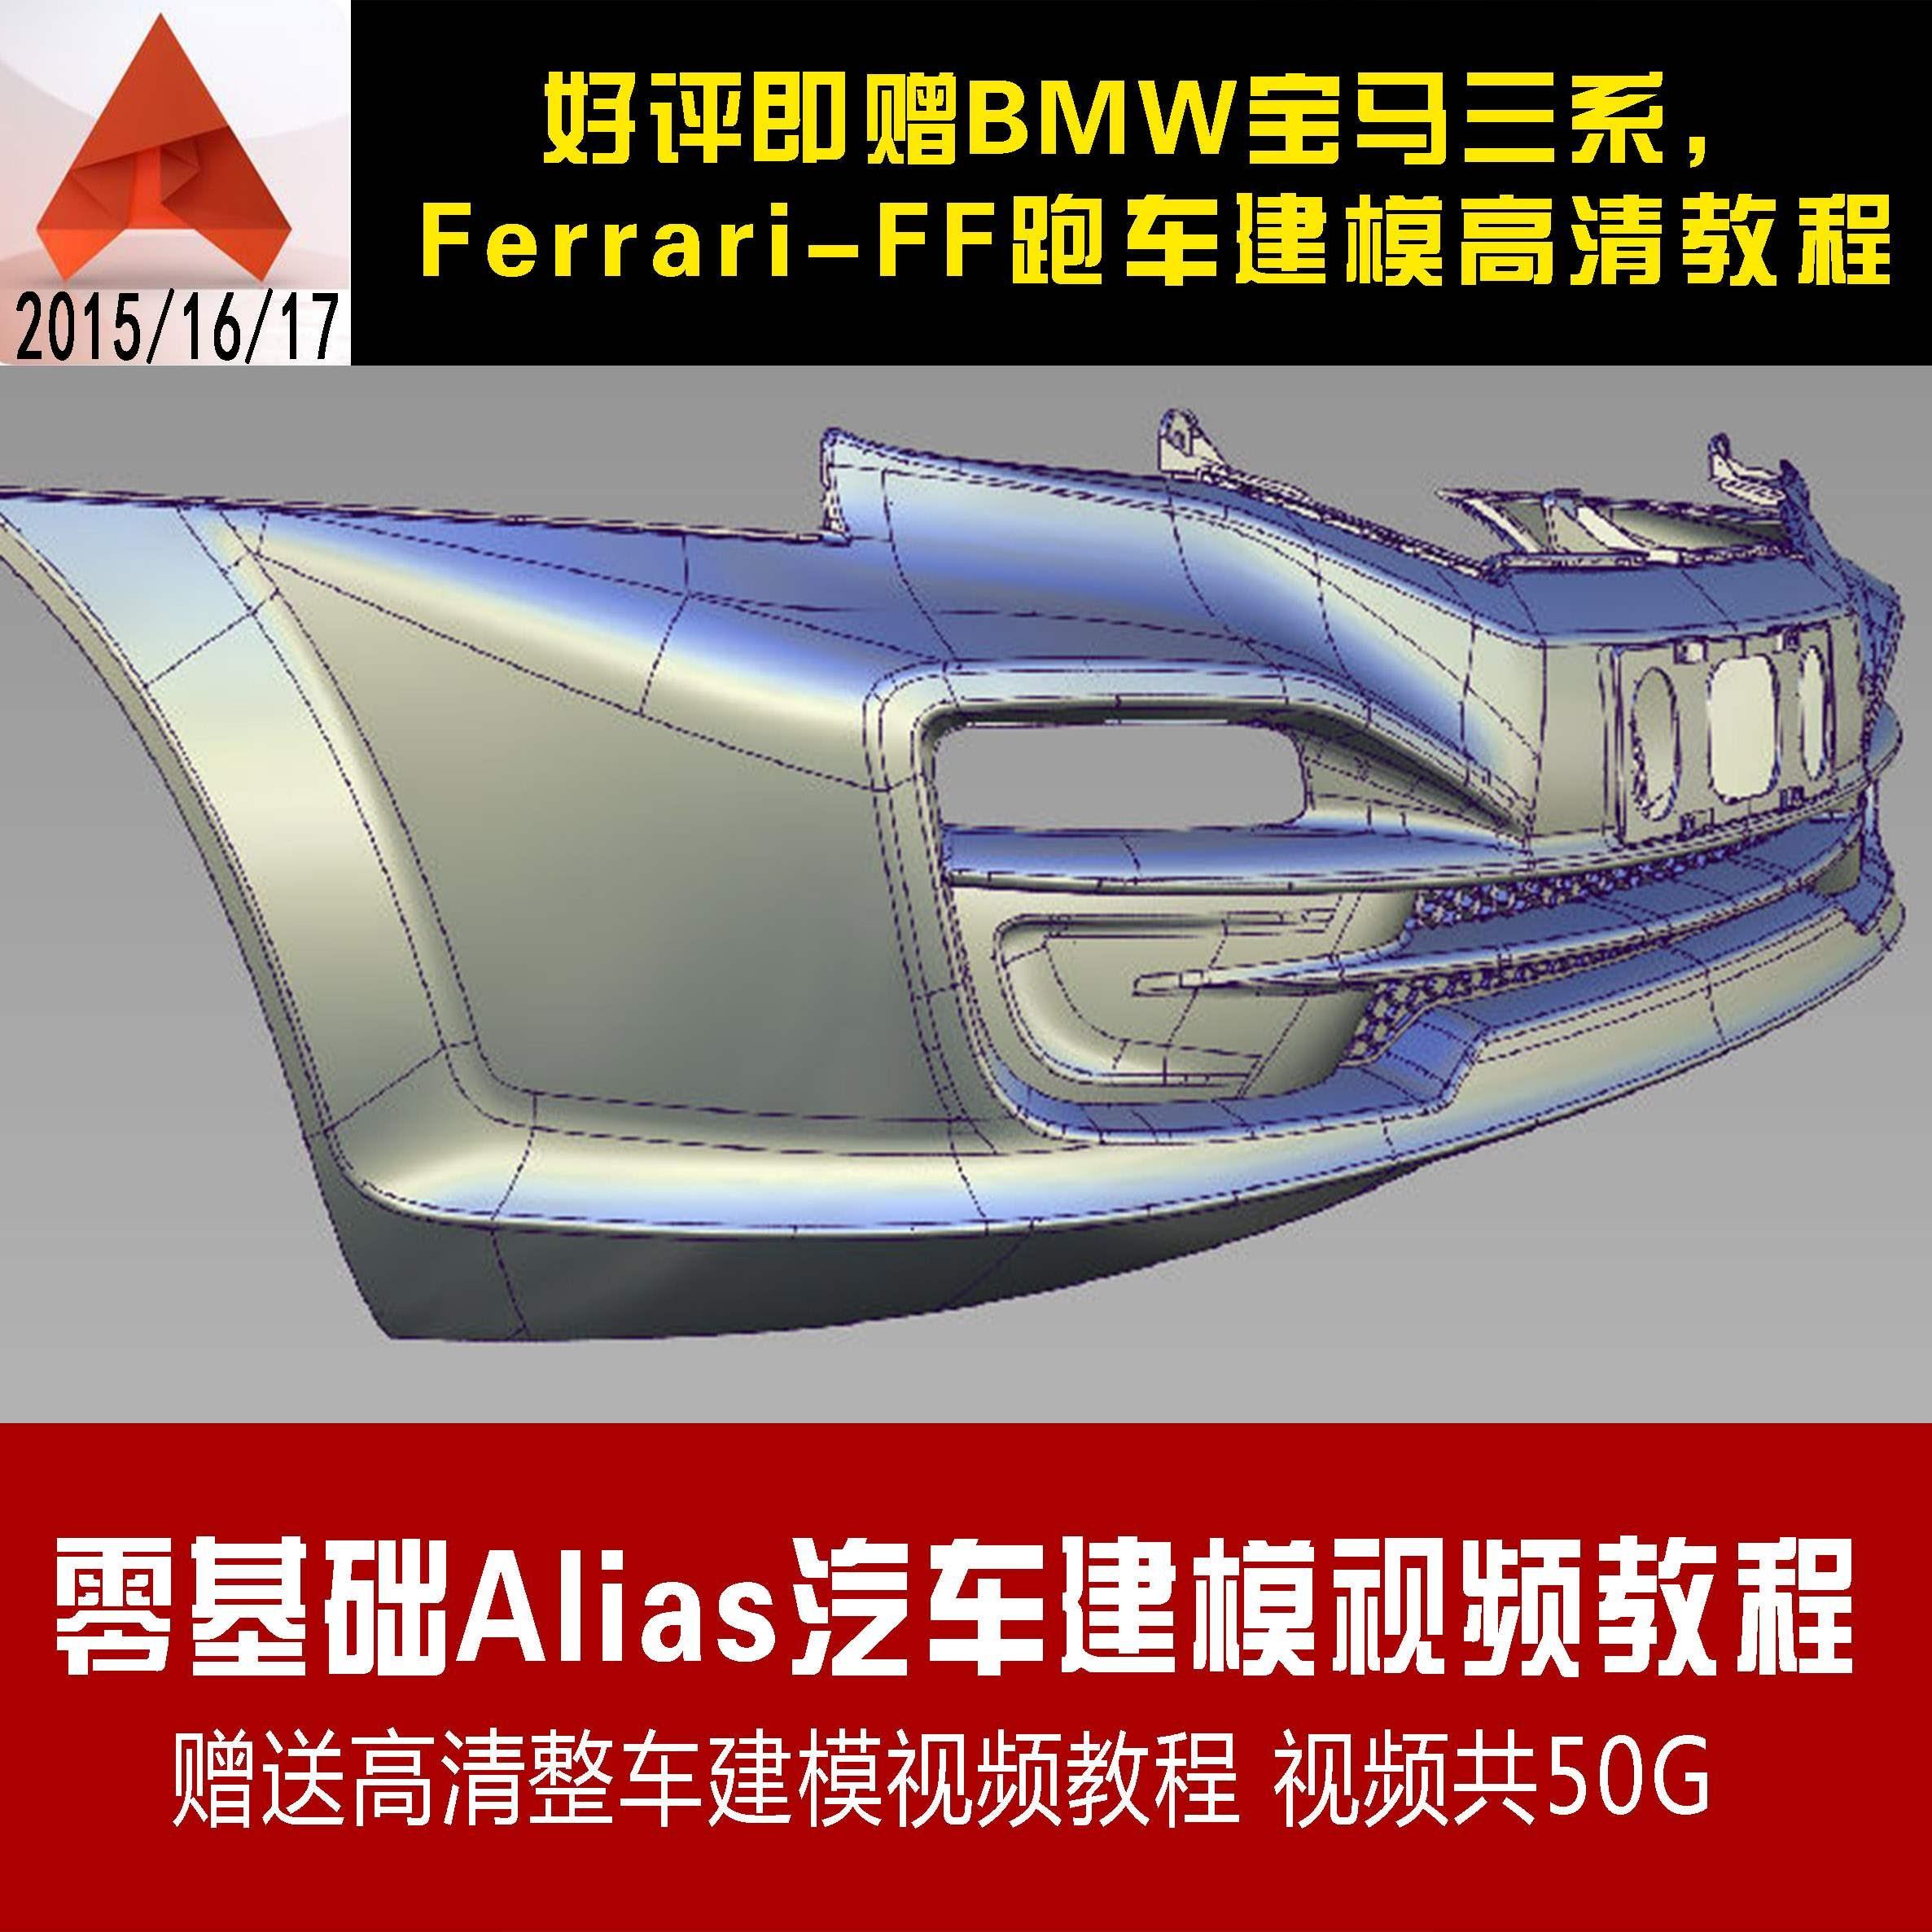 零基础Alias建模视频教程 Alias汽车建模视频教程 Alias自学教程